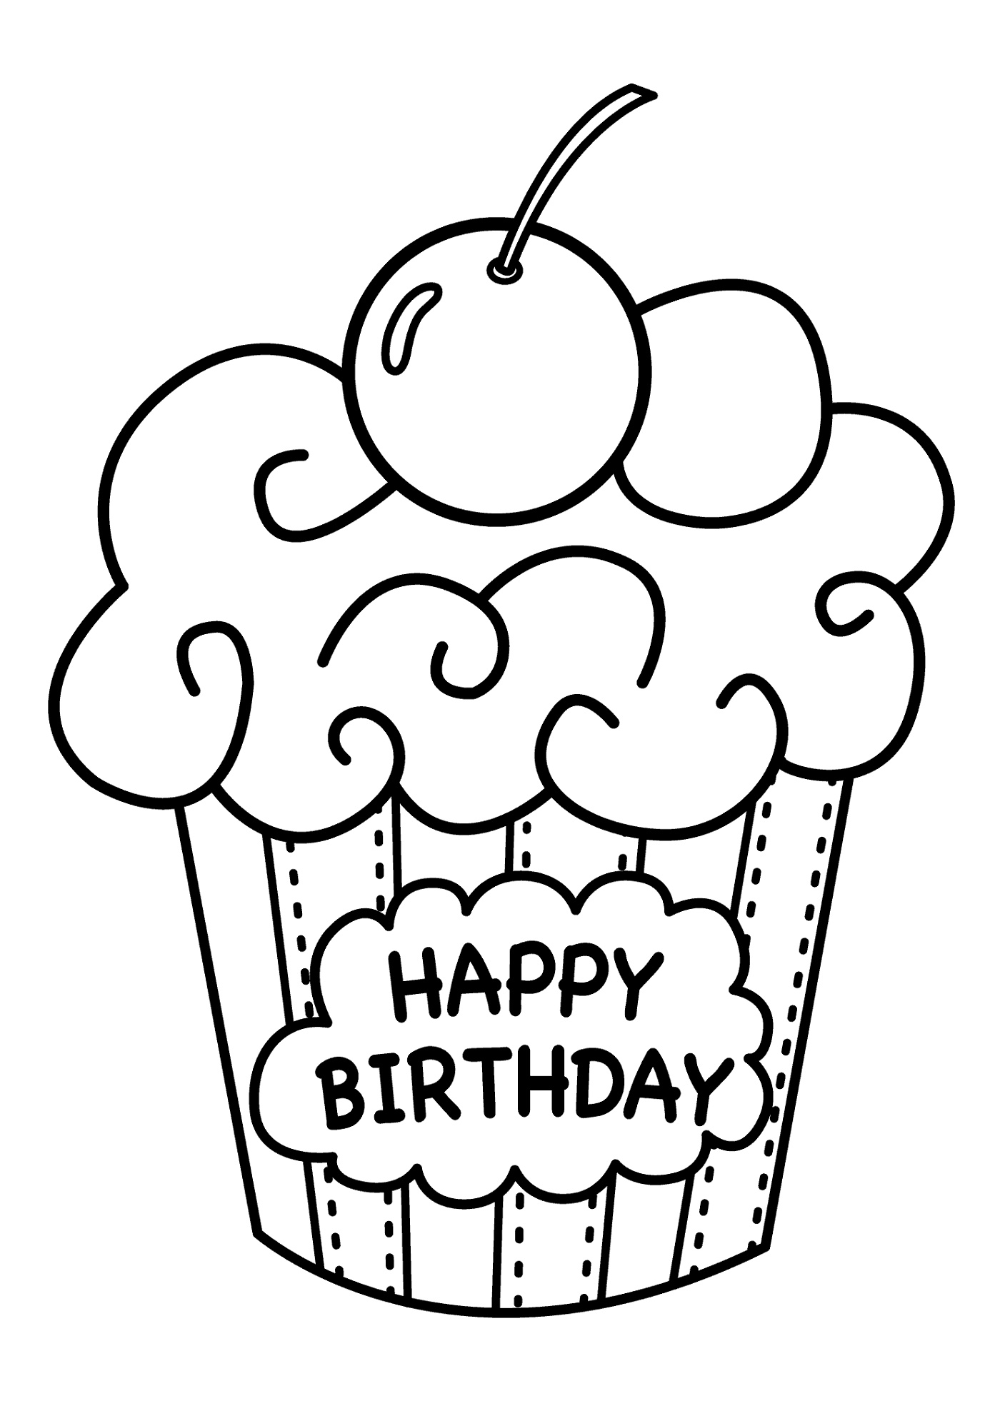 Happy Birthday Coloring Pages K5 Worksheets Geburtstag Malvorlagen Kostenlose Ausmalbilder Malvorlage Prinzessin